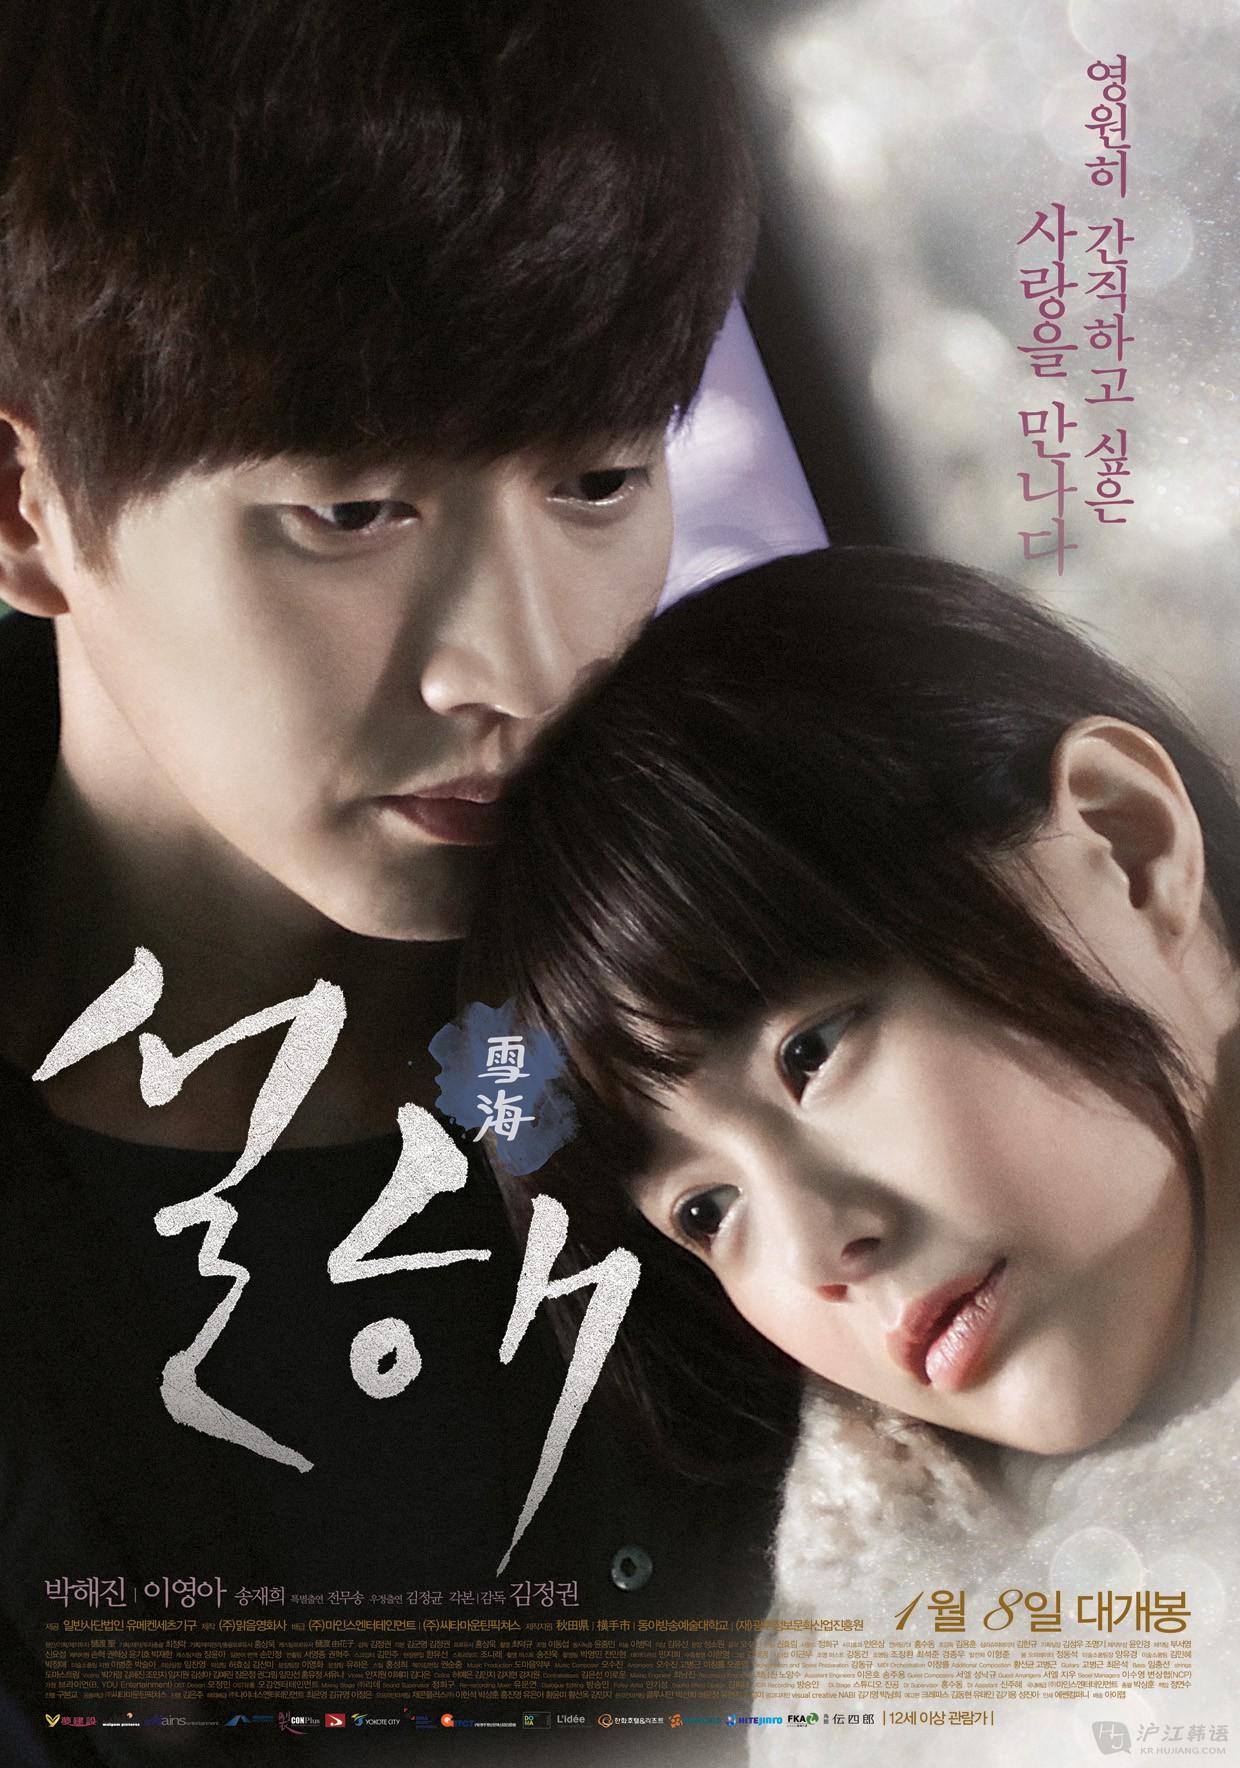 韩国电影推荐:《雪海》朴海镇深情演绎图片